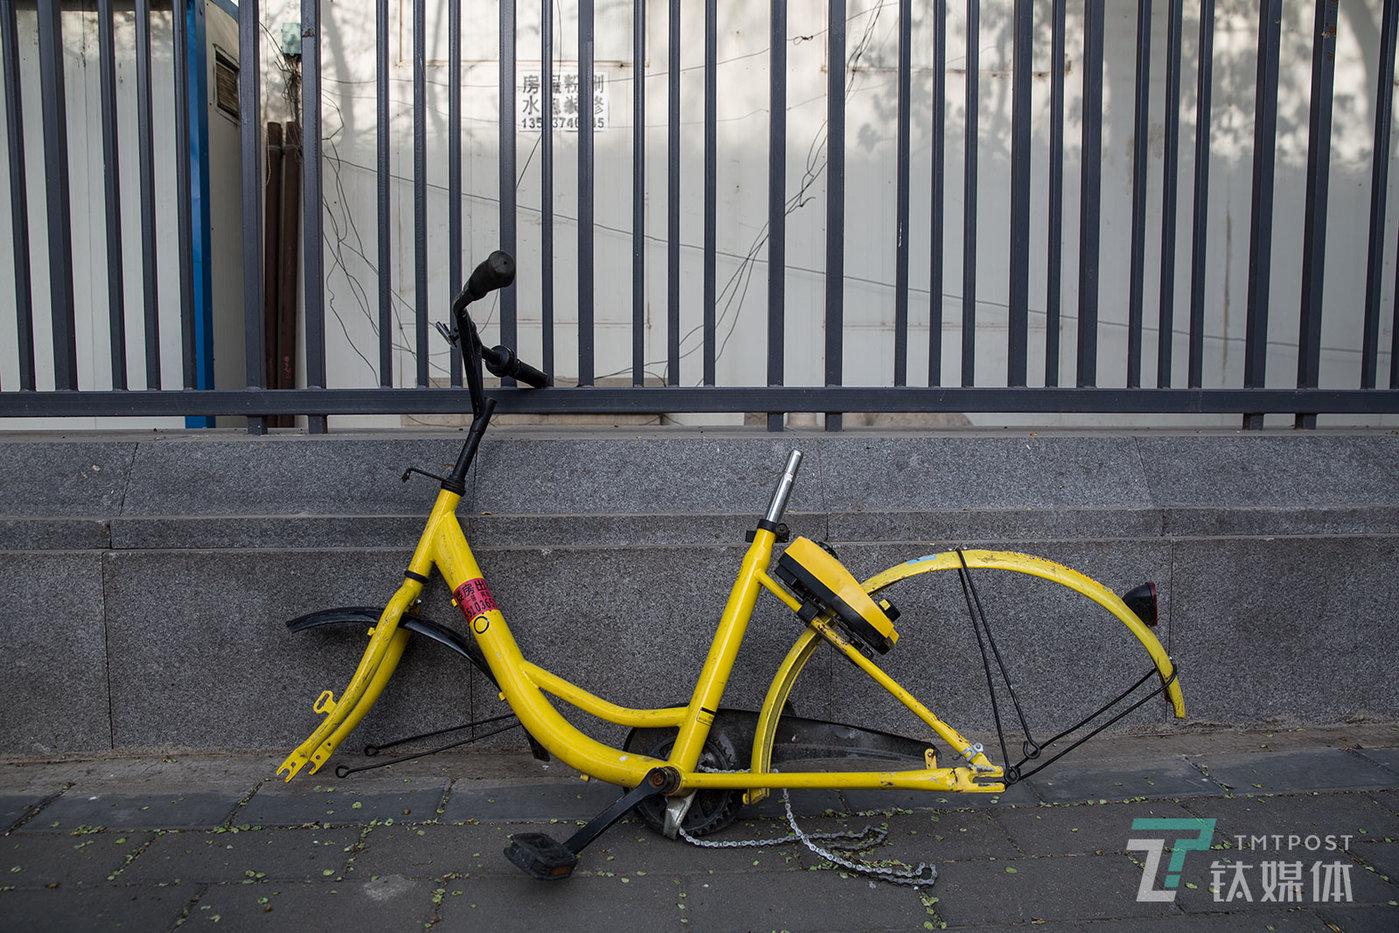 【小黄车】4月12日,北京,中国传媒大学校园外,一辆被拆掉轮子和座椅的小黄车。